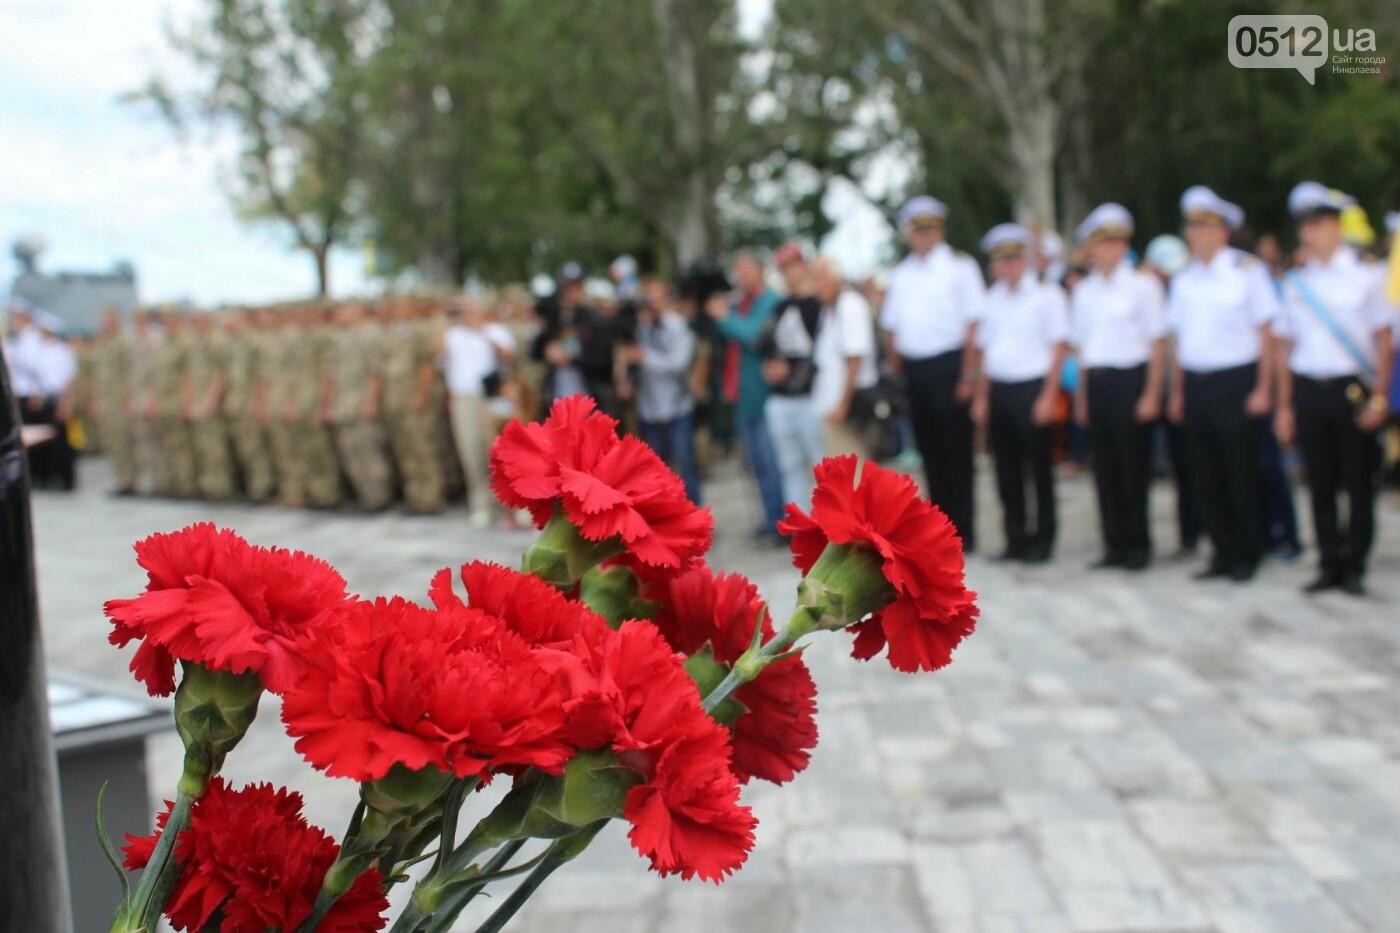 Полевая кухня, марш военных и выставка техники: как в Николаеве отмечали День ВМС Украины, фото-1